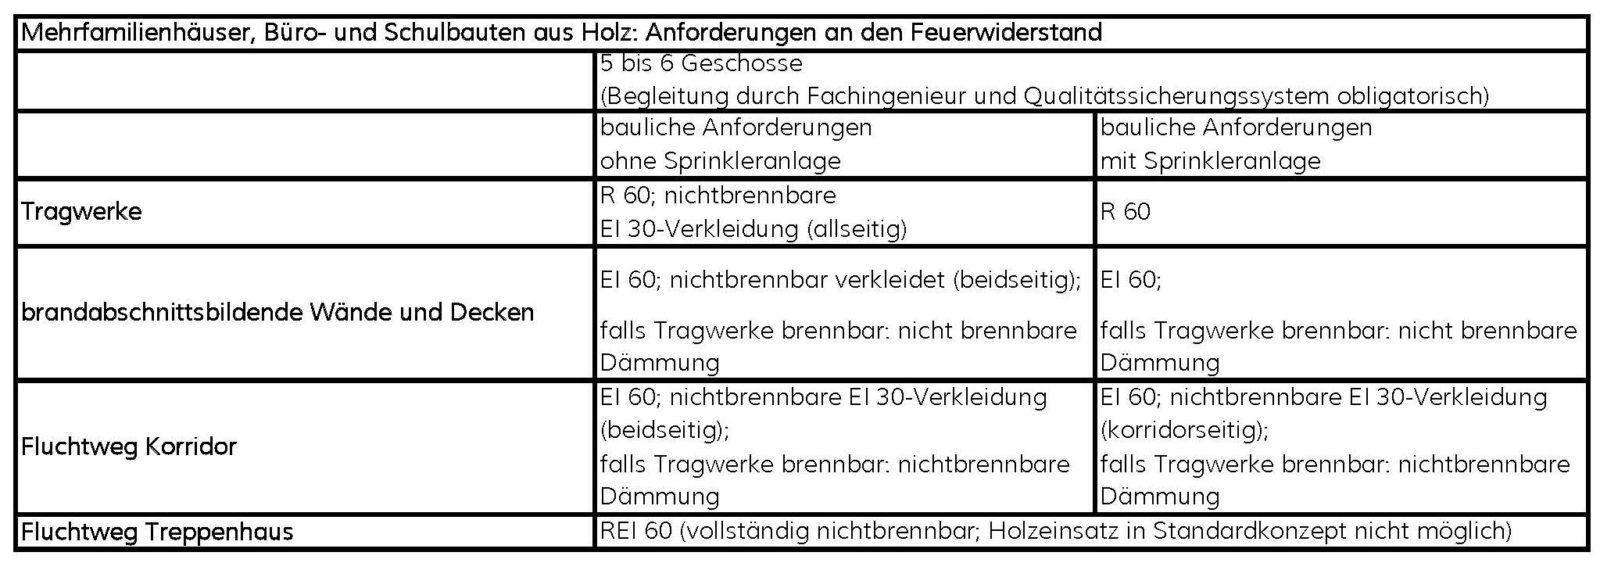 Tabelle 1_Brandschutzanforderungen in der Schweiz_Auszug